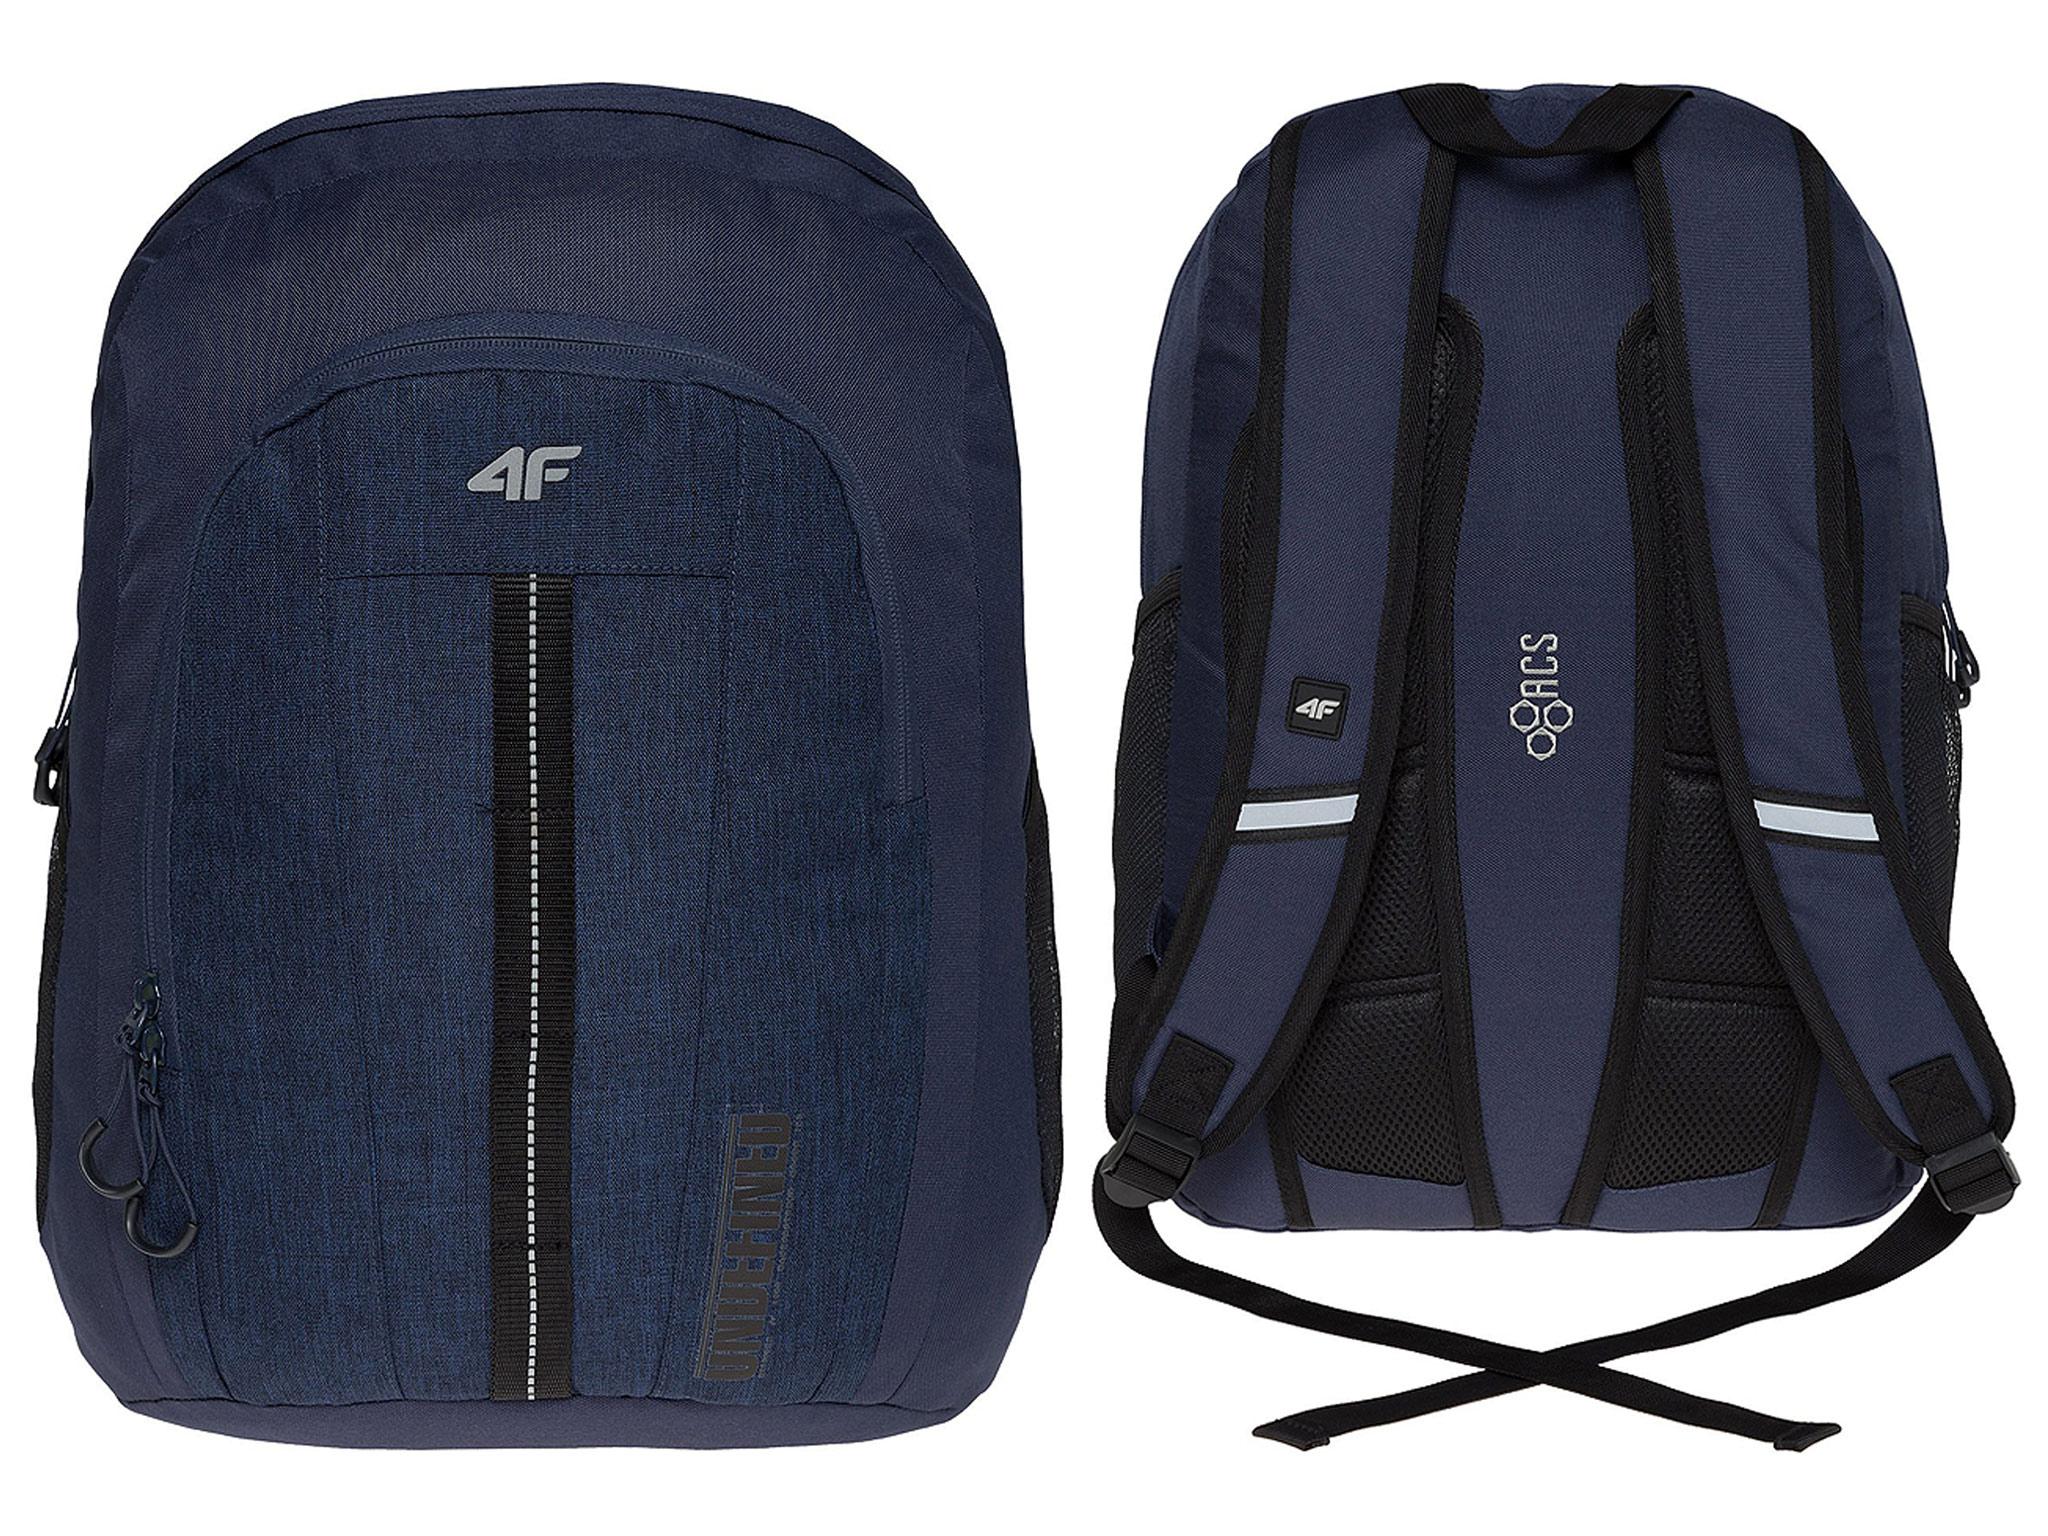 4F Plecak Miejski Sportowy Szkolny PCU011 - 30L